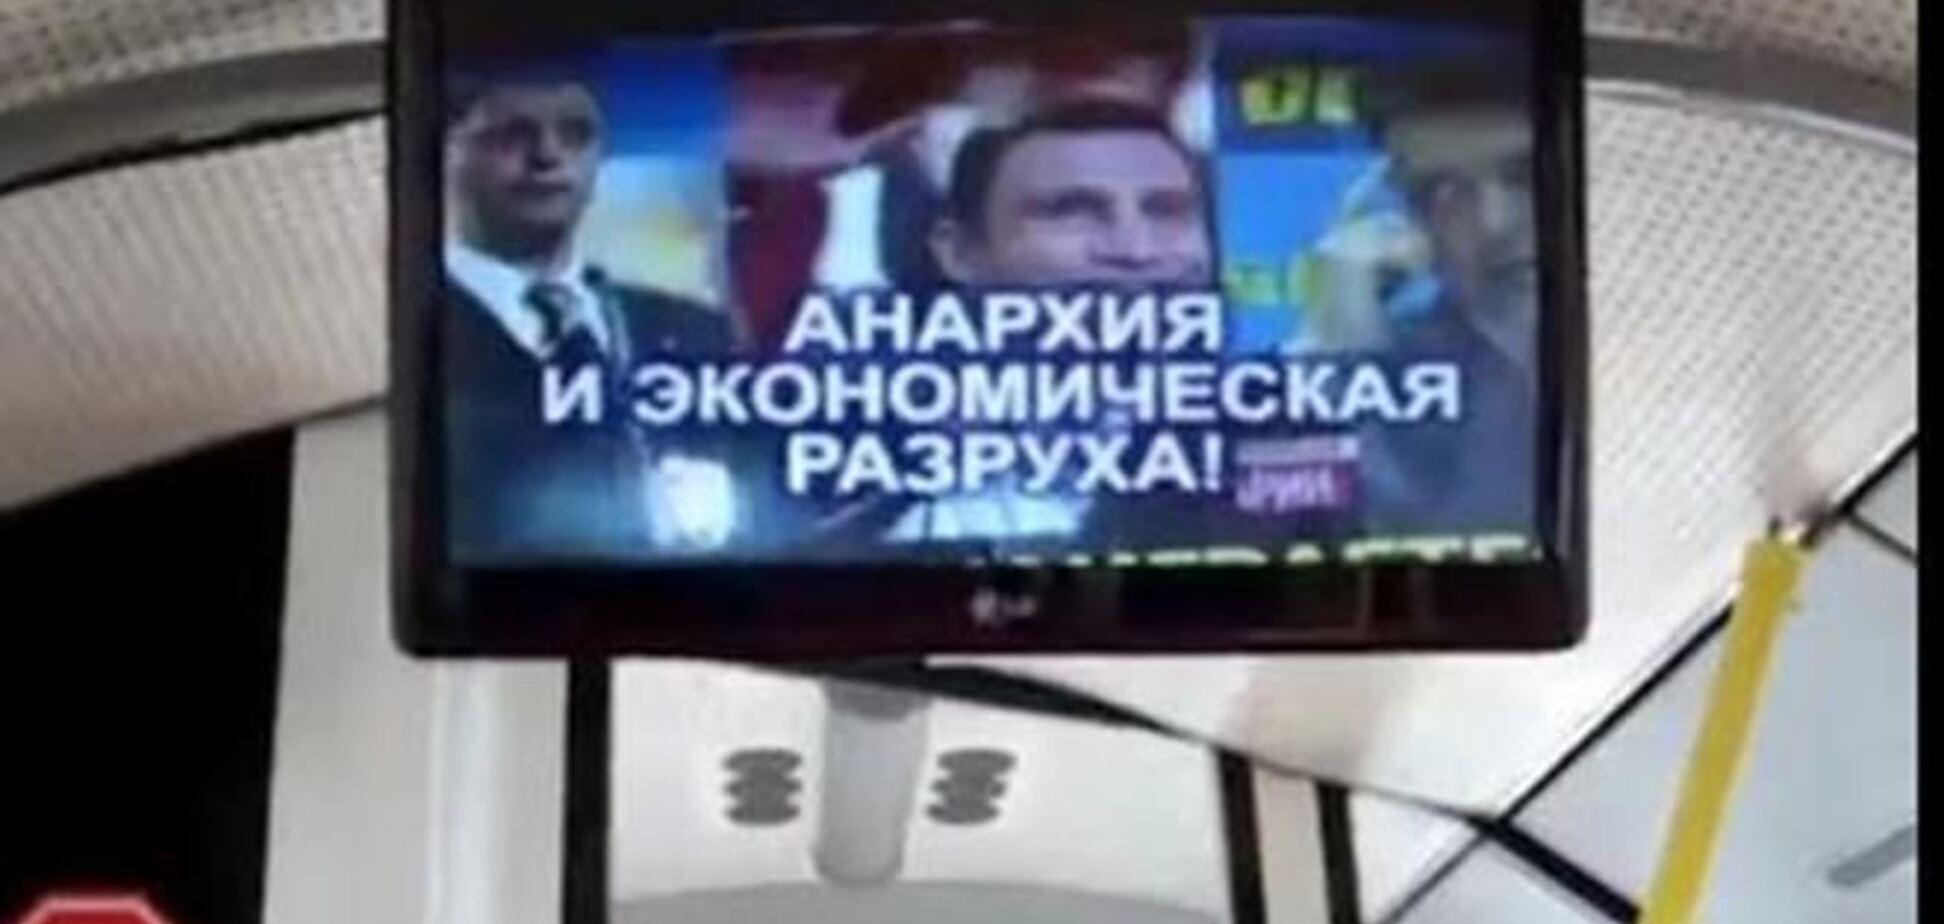 Могилеву понравился ролик о 'предателях Крыма' в троллейбусах